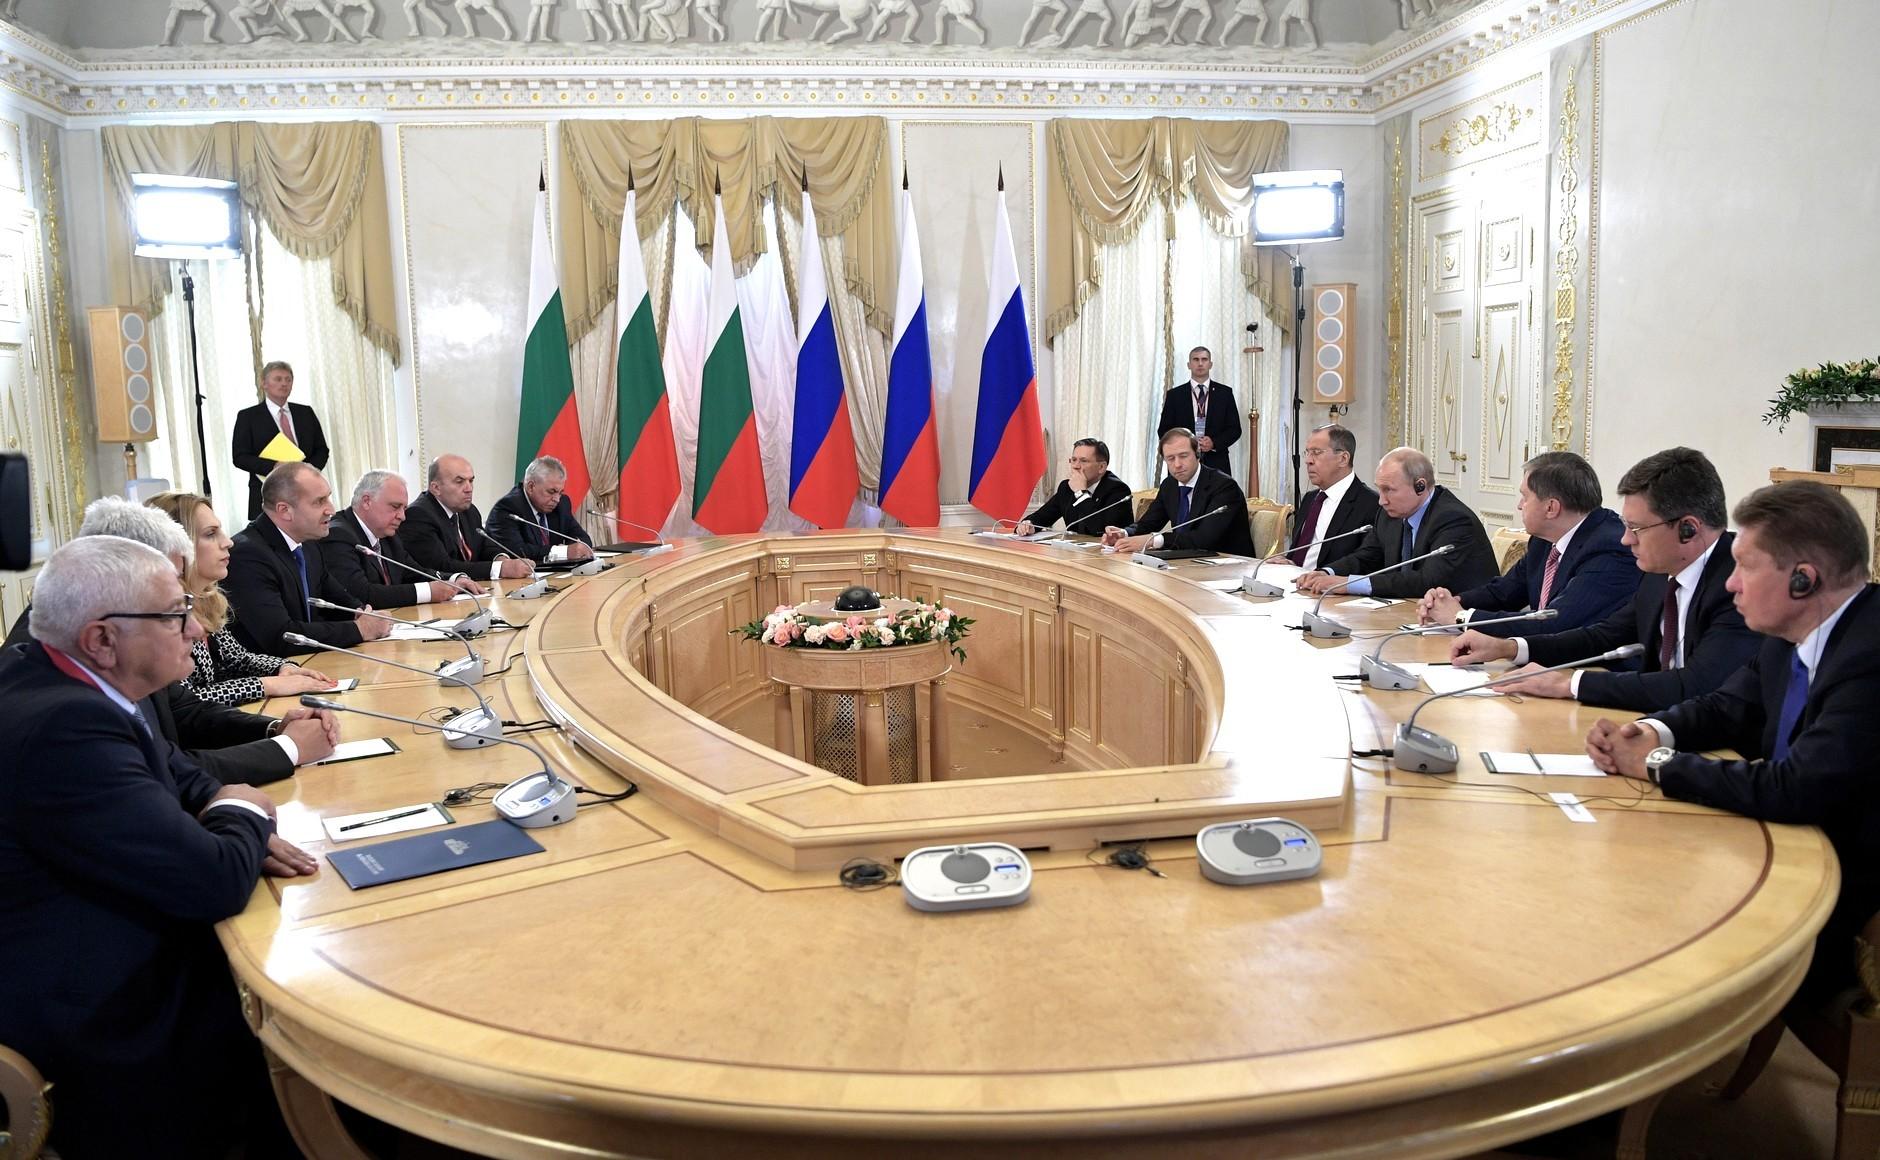 Spięcie na linii Bułgaria-Rosja. Kolejny skandal szpiegowski